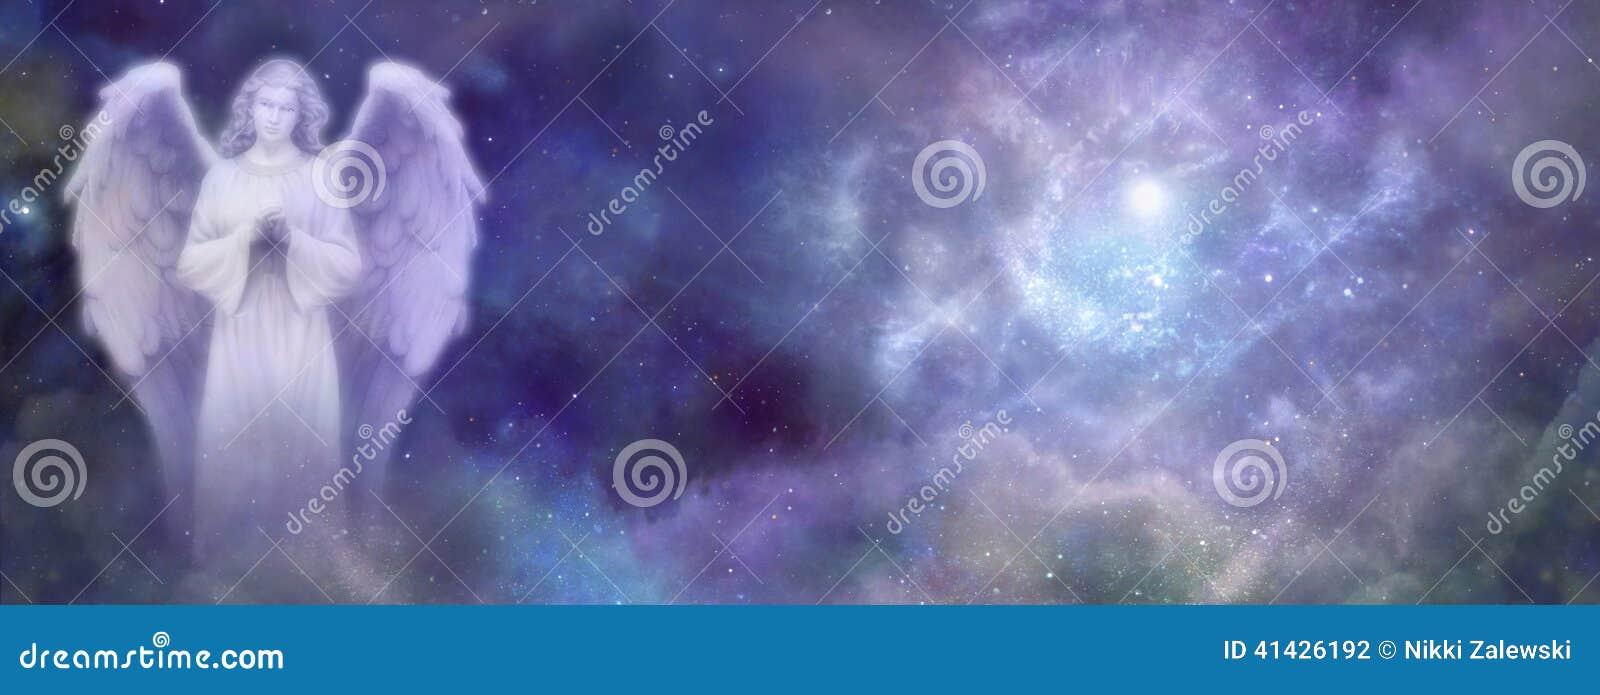 Himmlischer Angel Website Banner